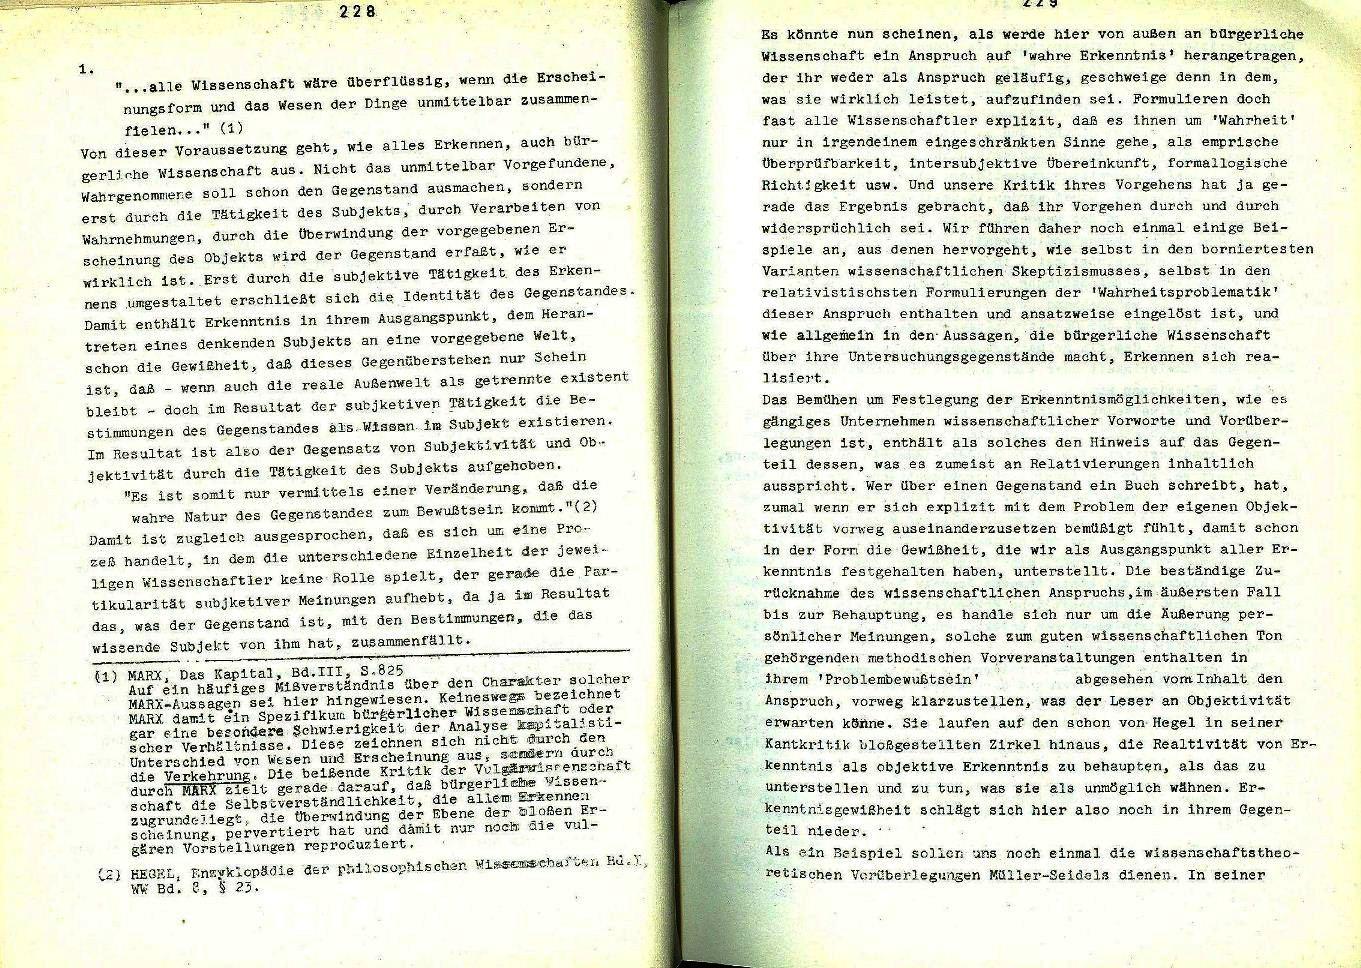 Muenchen_AK_Sozialistisches_Studium119